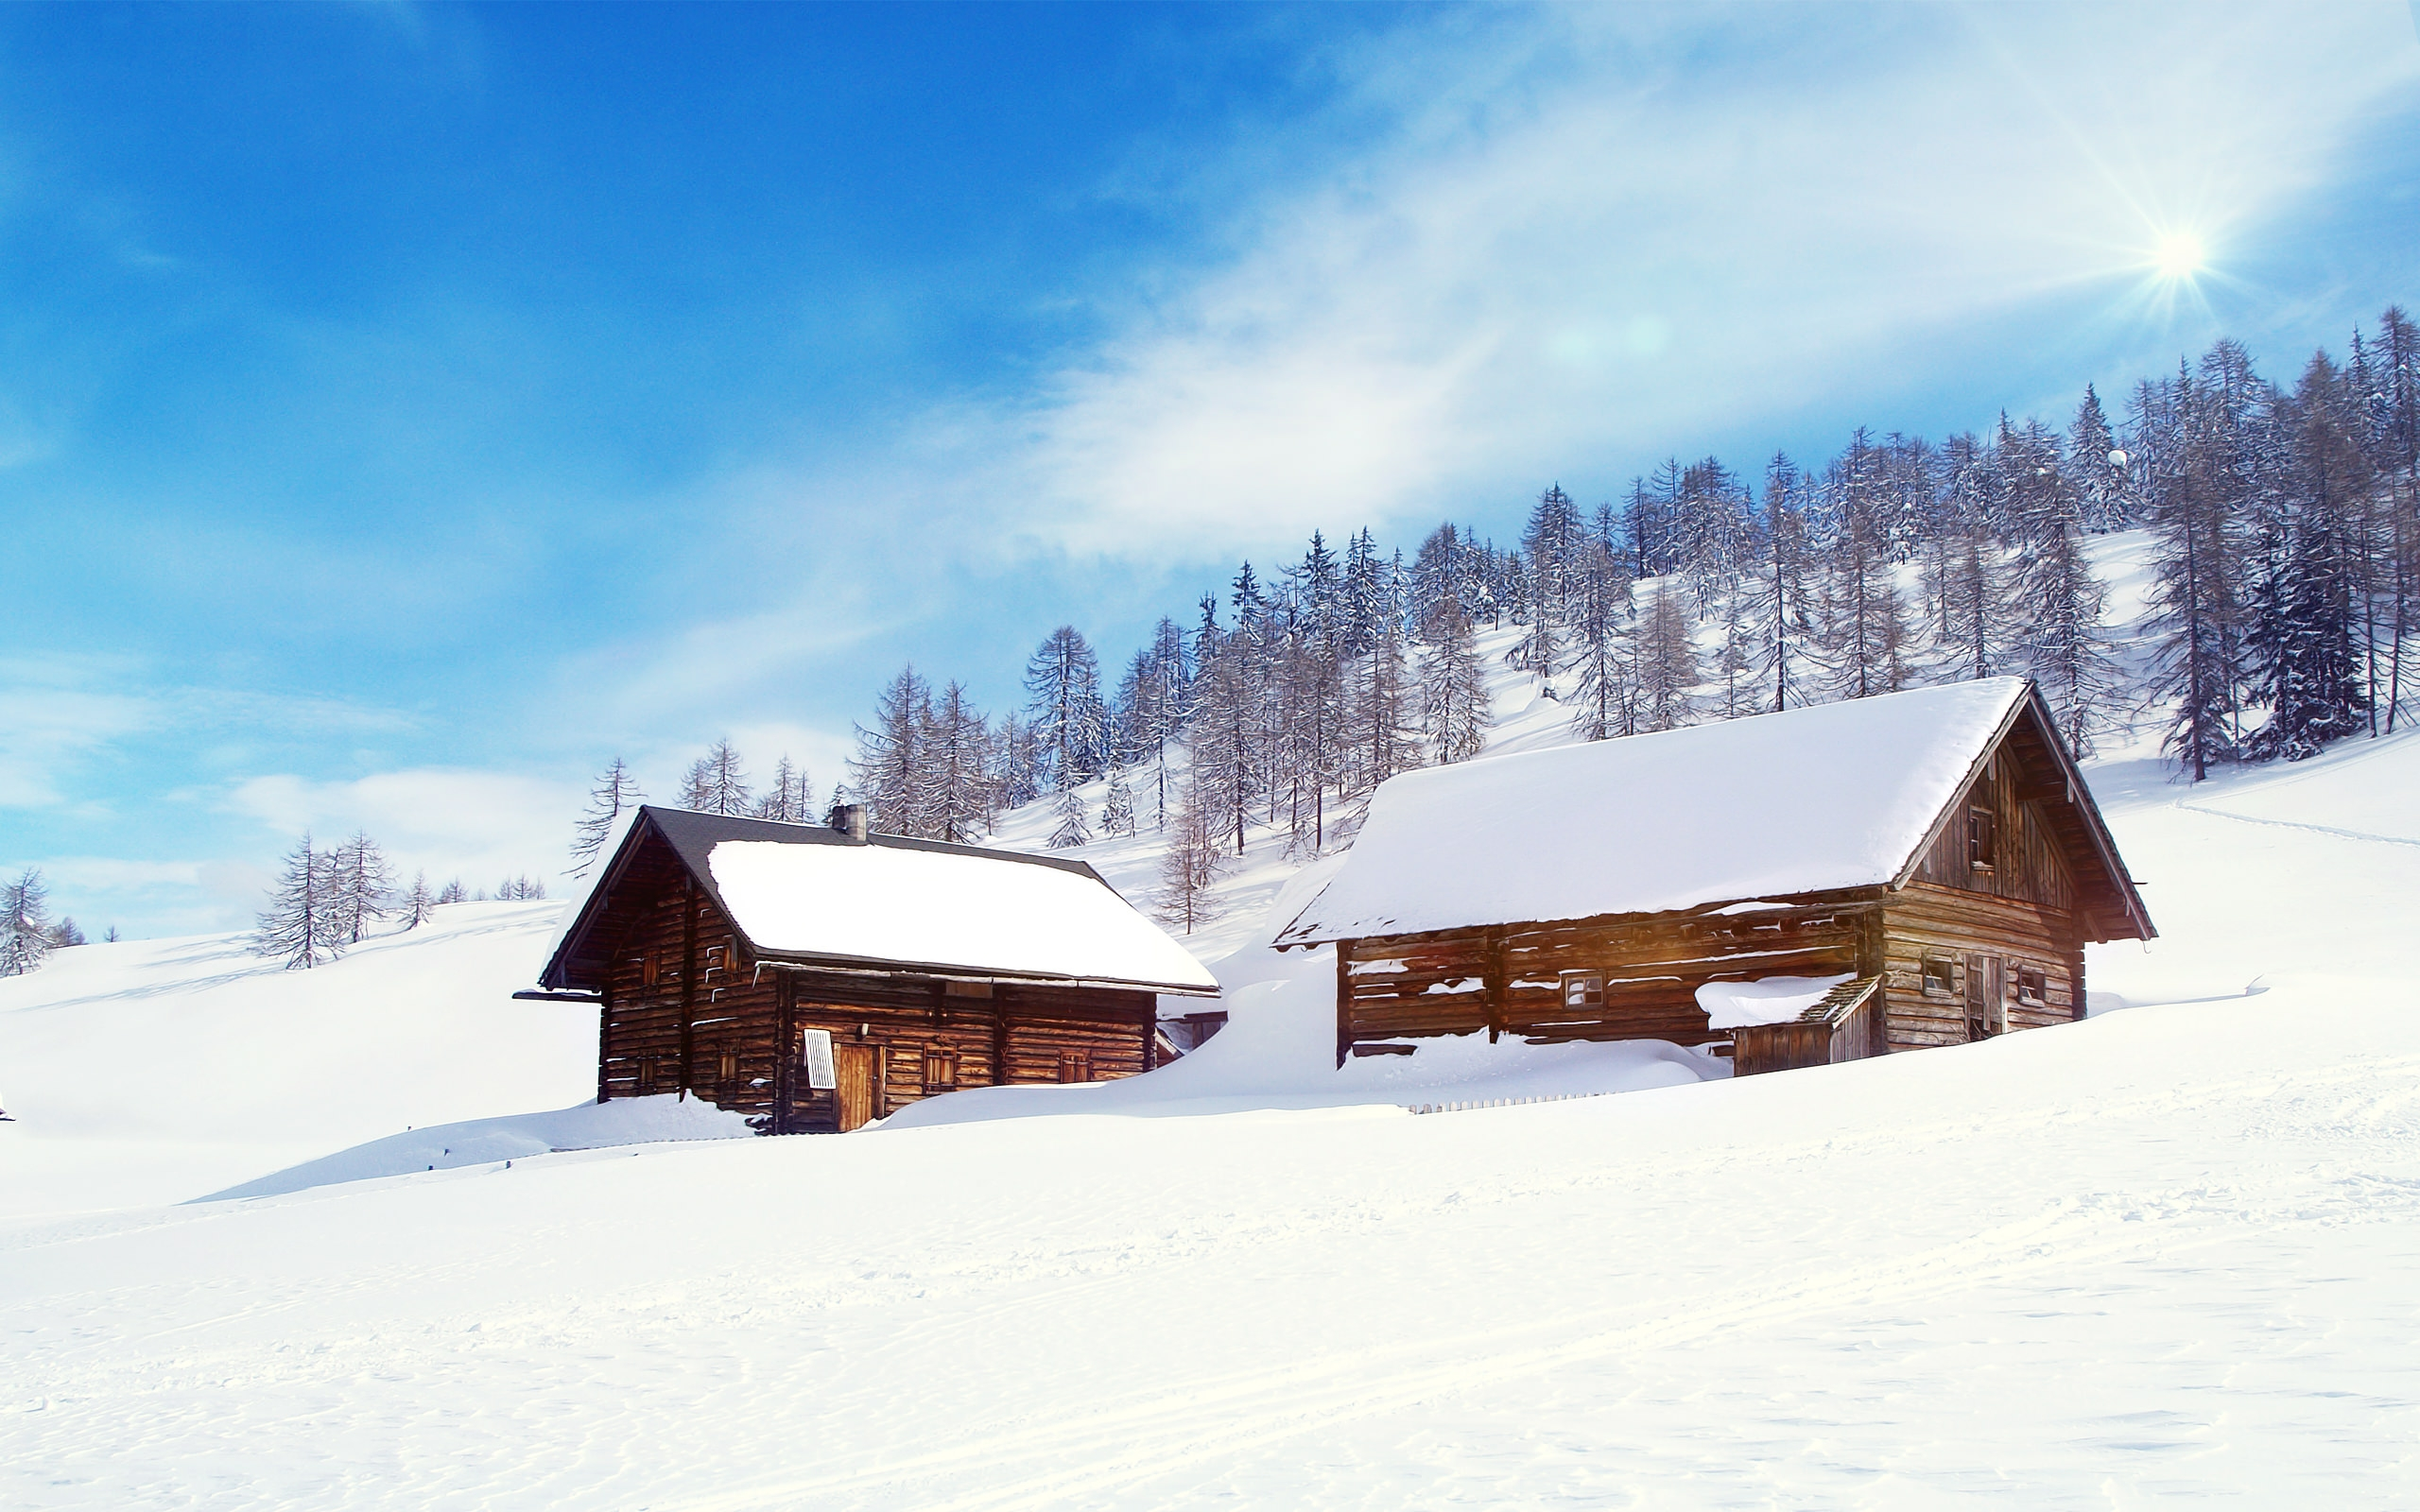 snow wonderland background wallpaper